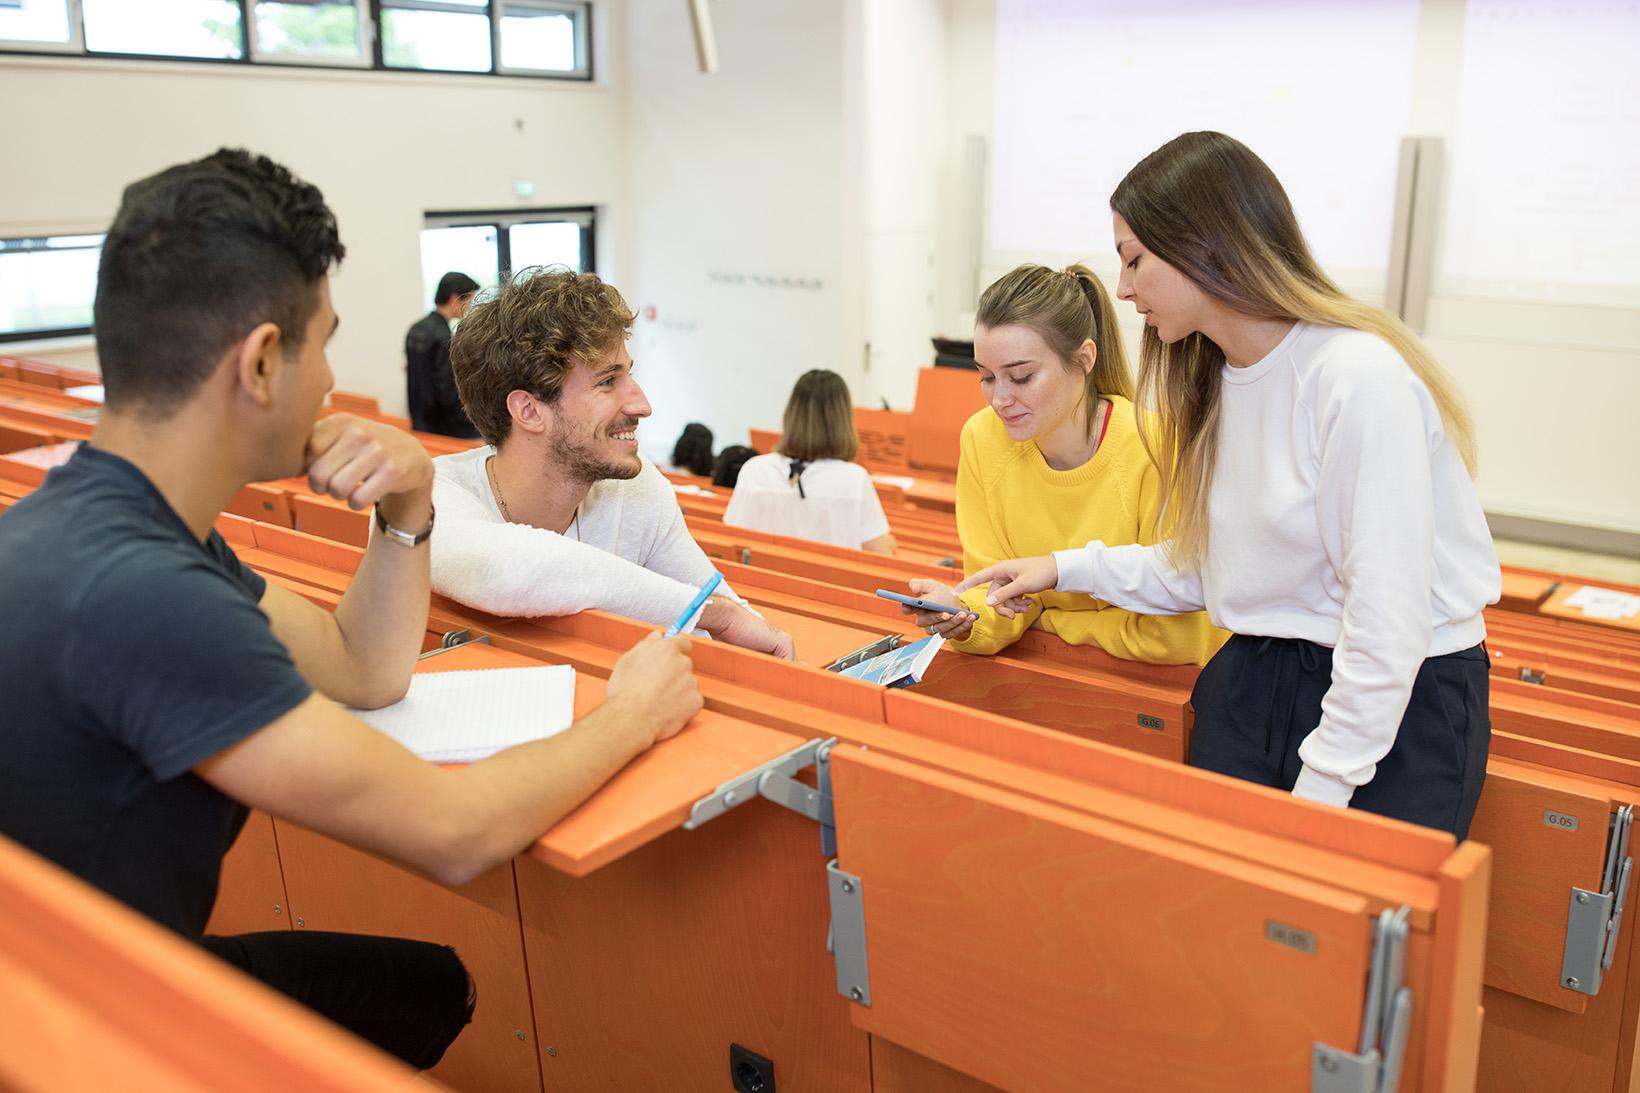 Studierend unterhalten sich in einem Hörsaal